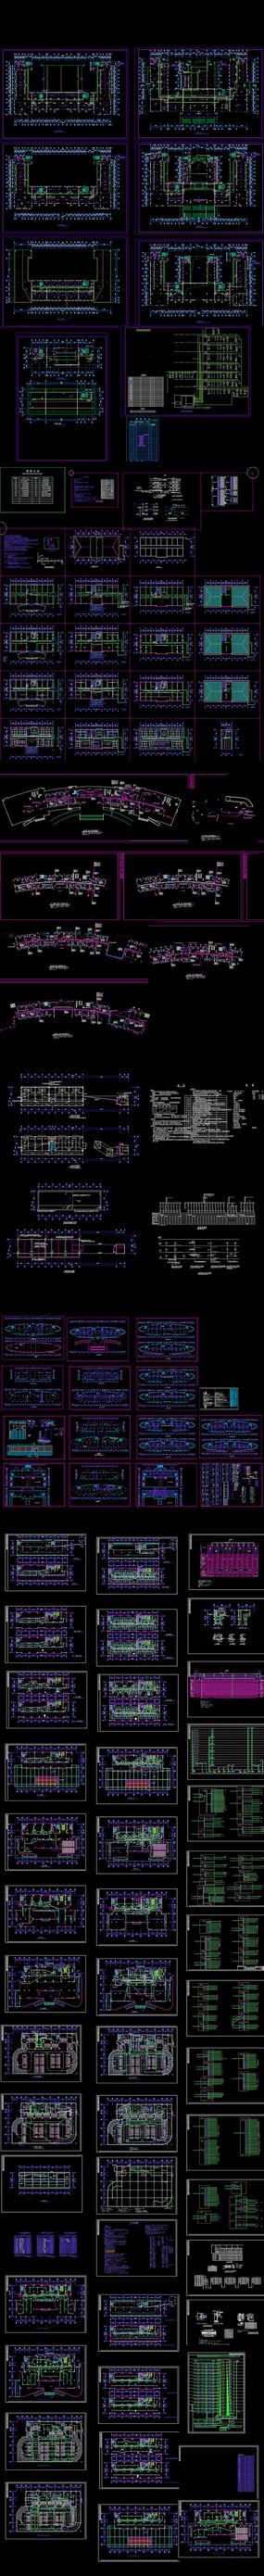 办公楼系统图